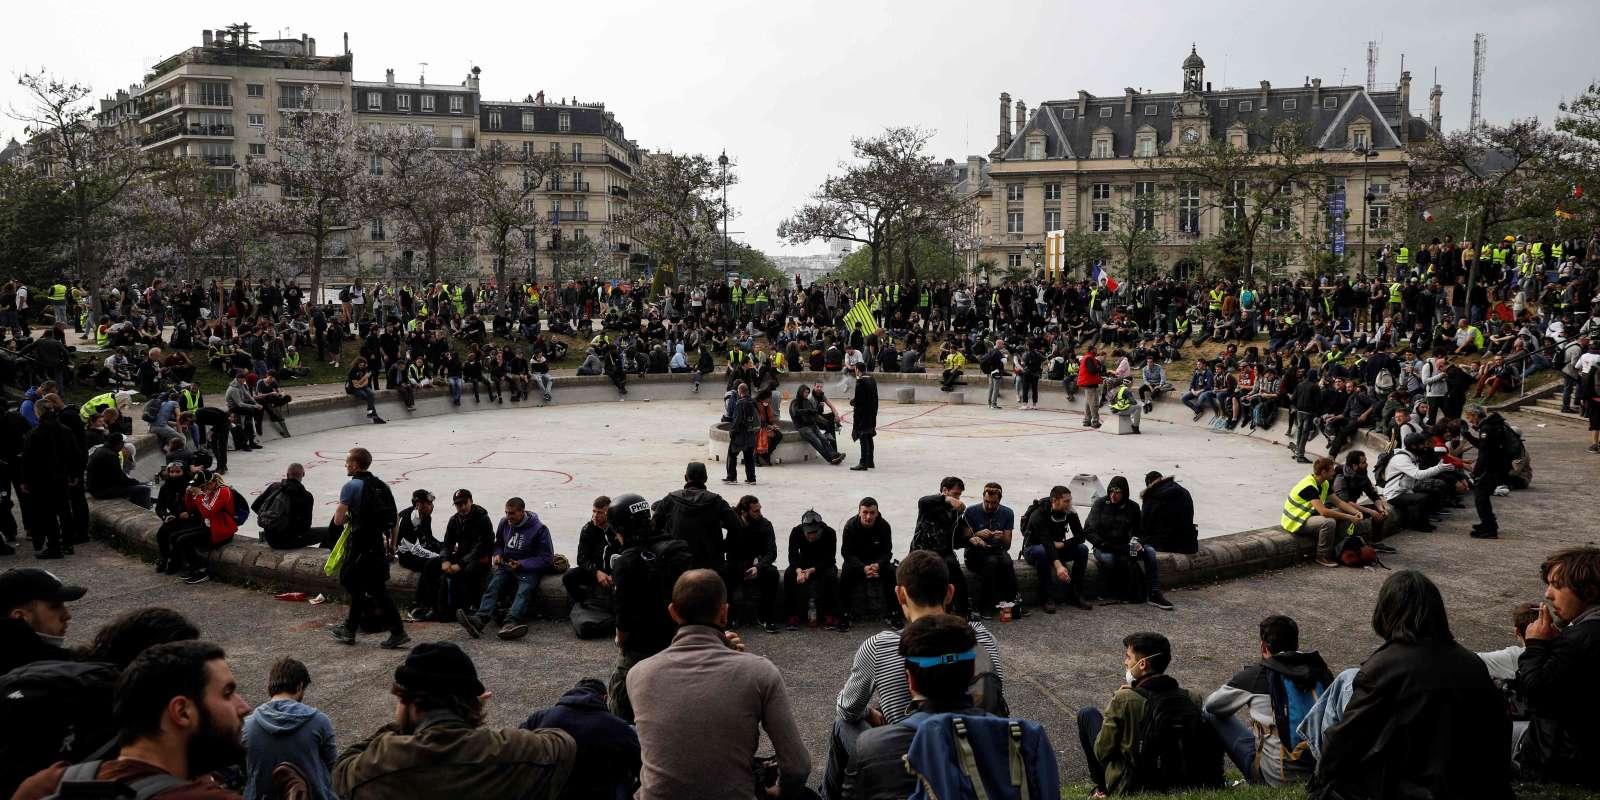 Le cortège se disperse place d'Italie, à Paris, le 1er mai 2019.